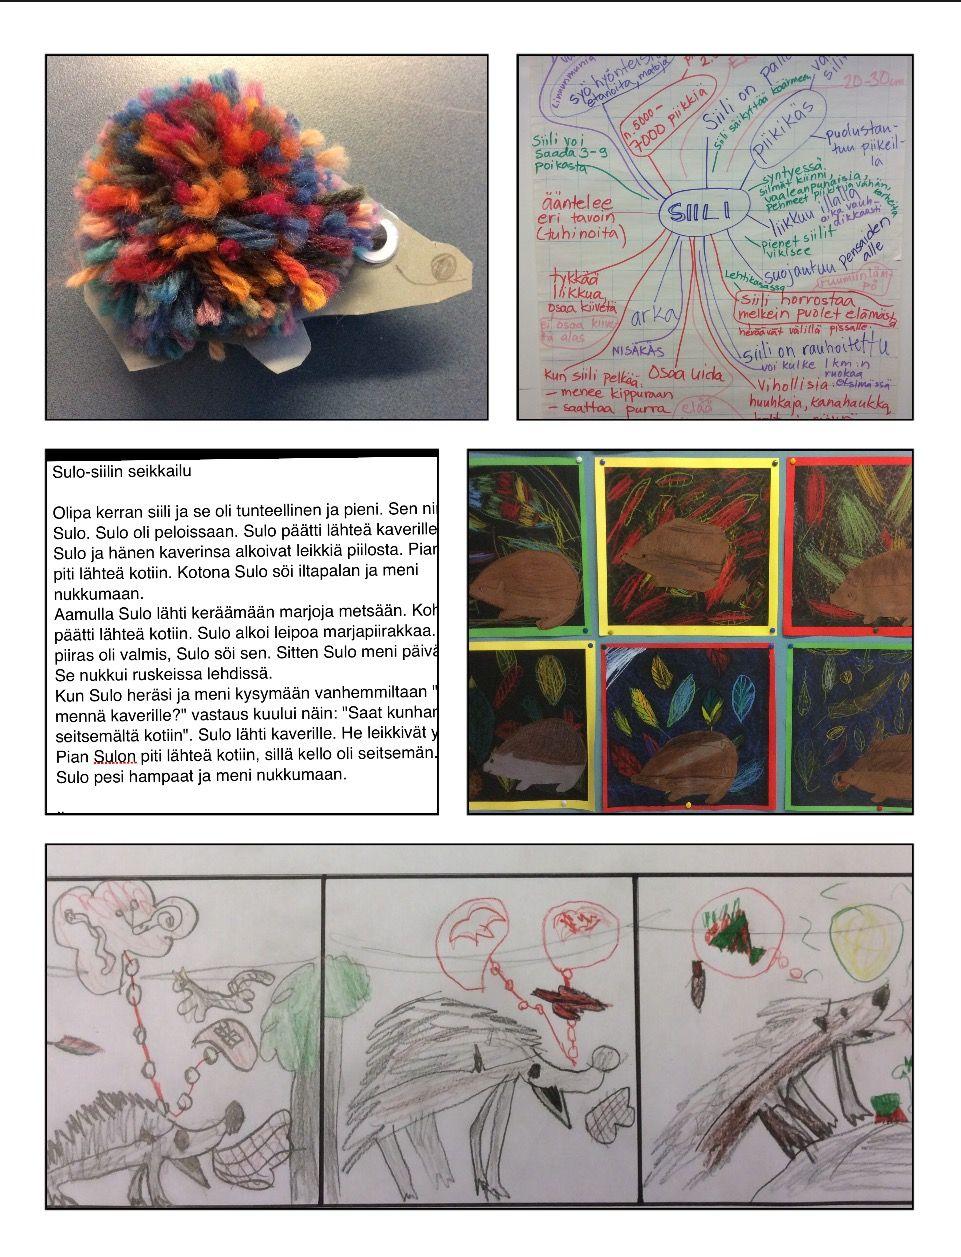 Tässä blogissa seurataan ateljee-menetelmää Muijalan koulun 1-, 2- ja 5-luokilla.